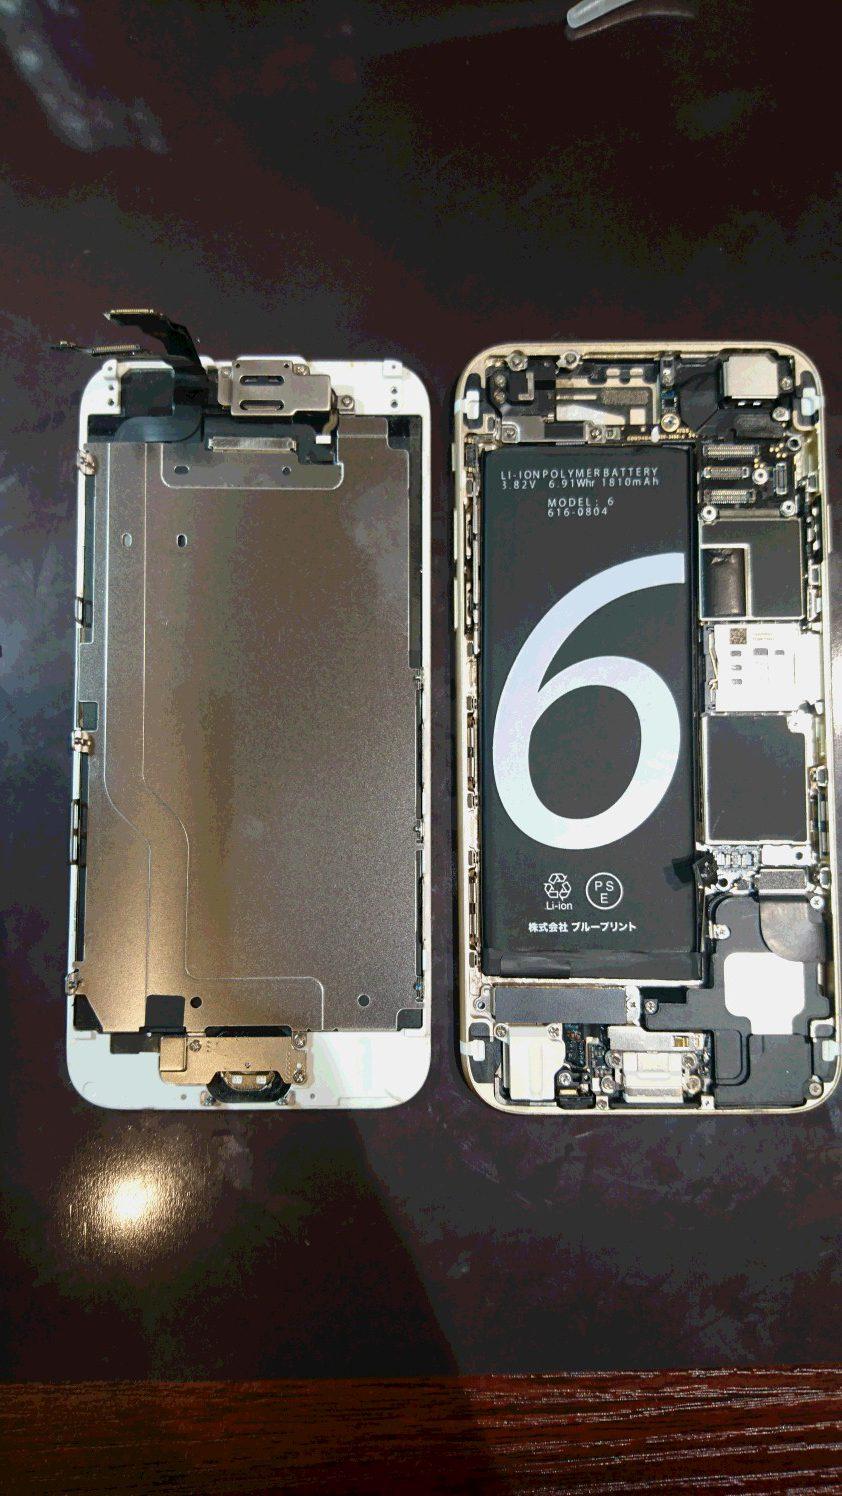 iphone6バッテリー交換!最短15分でできます(^◇^)つかしん店オープンしました!データそのままで各種即日修理出来ます♪お買い物のついでにどうぞっっ♪バッテリーの持ちが悪いなと思ったらバッテリーの替え時かも|д゚)